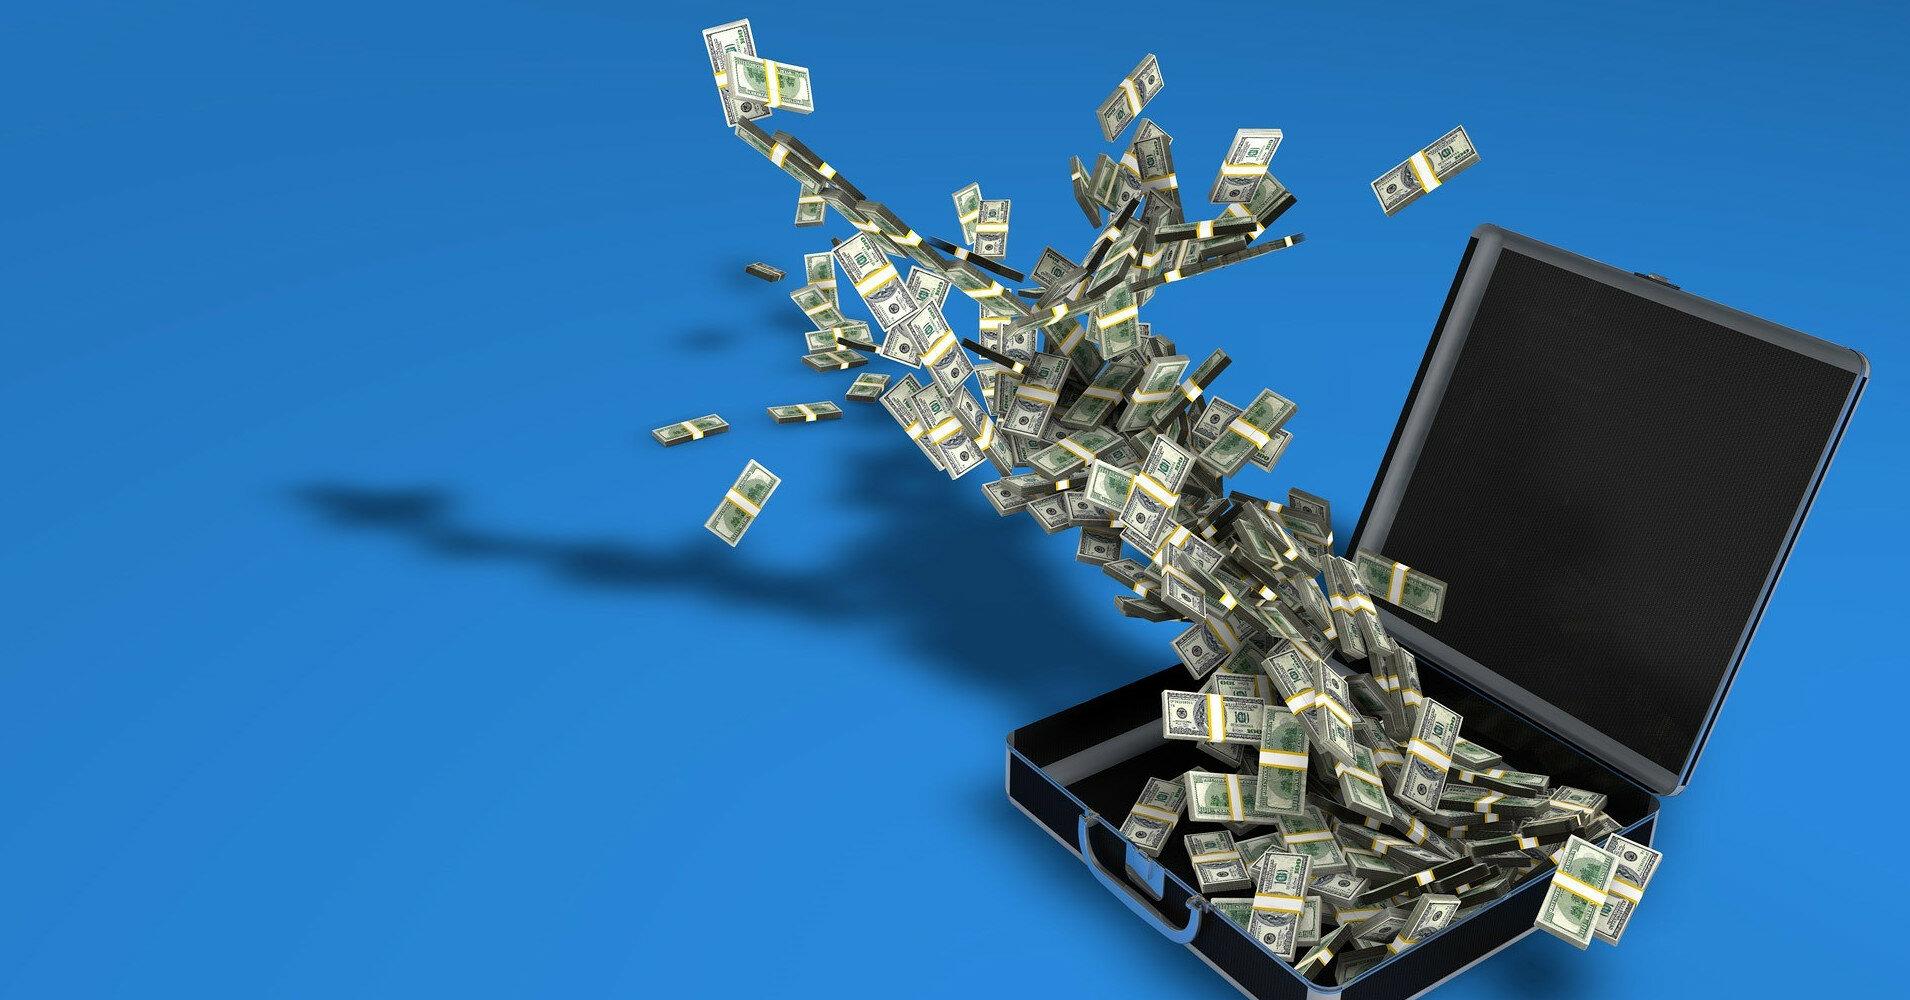 Число миллионеров в мире и их совокупное состояние выросло в 2020г